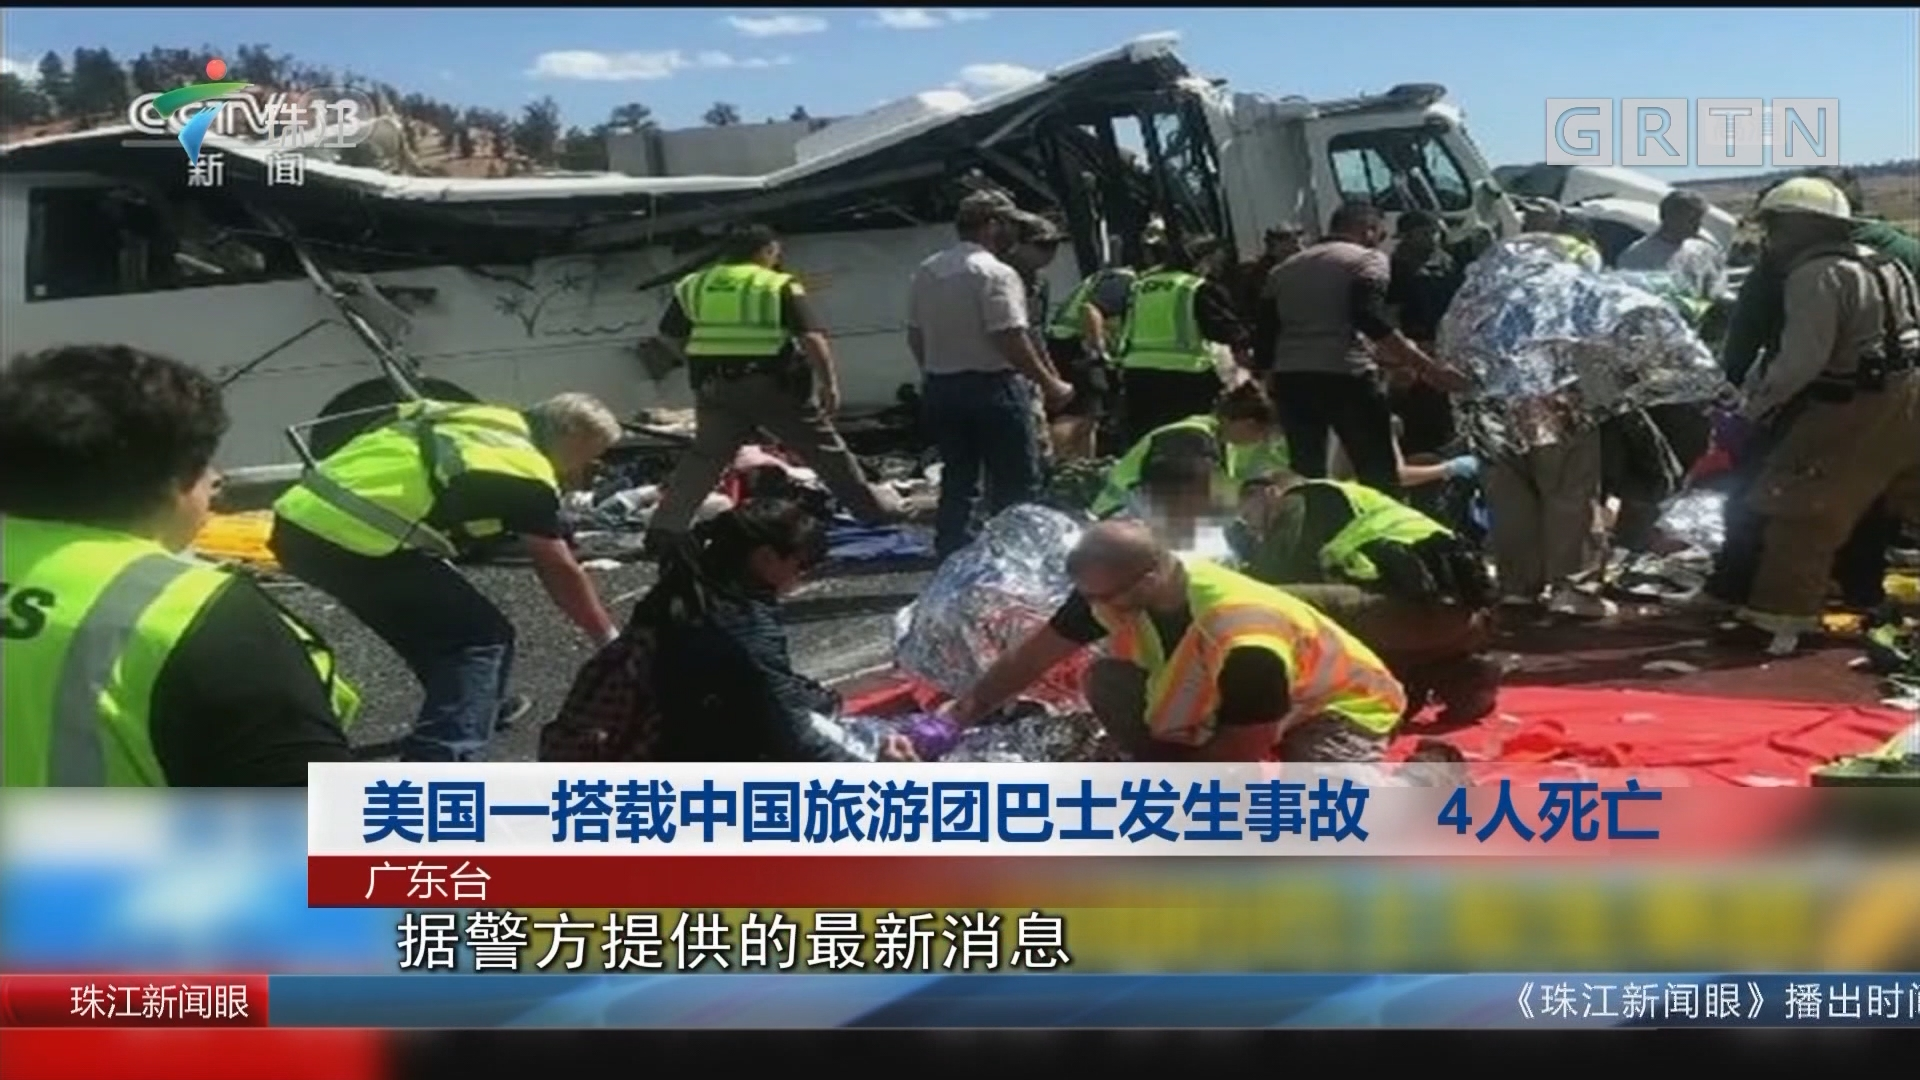 美国一搭载中国旅游团巴士发生事故 4人死亡